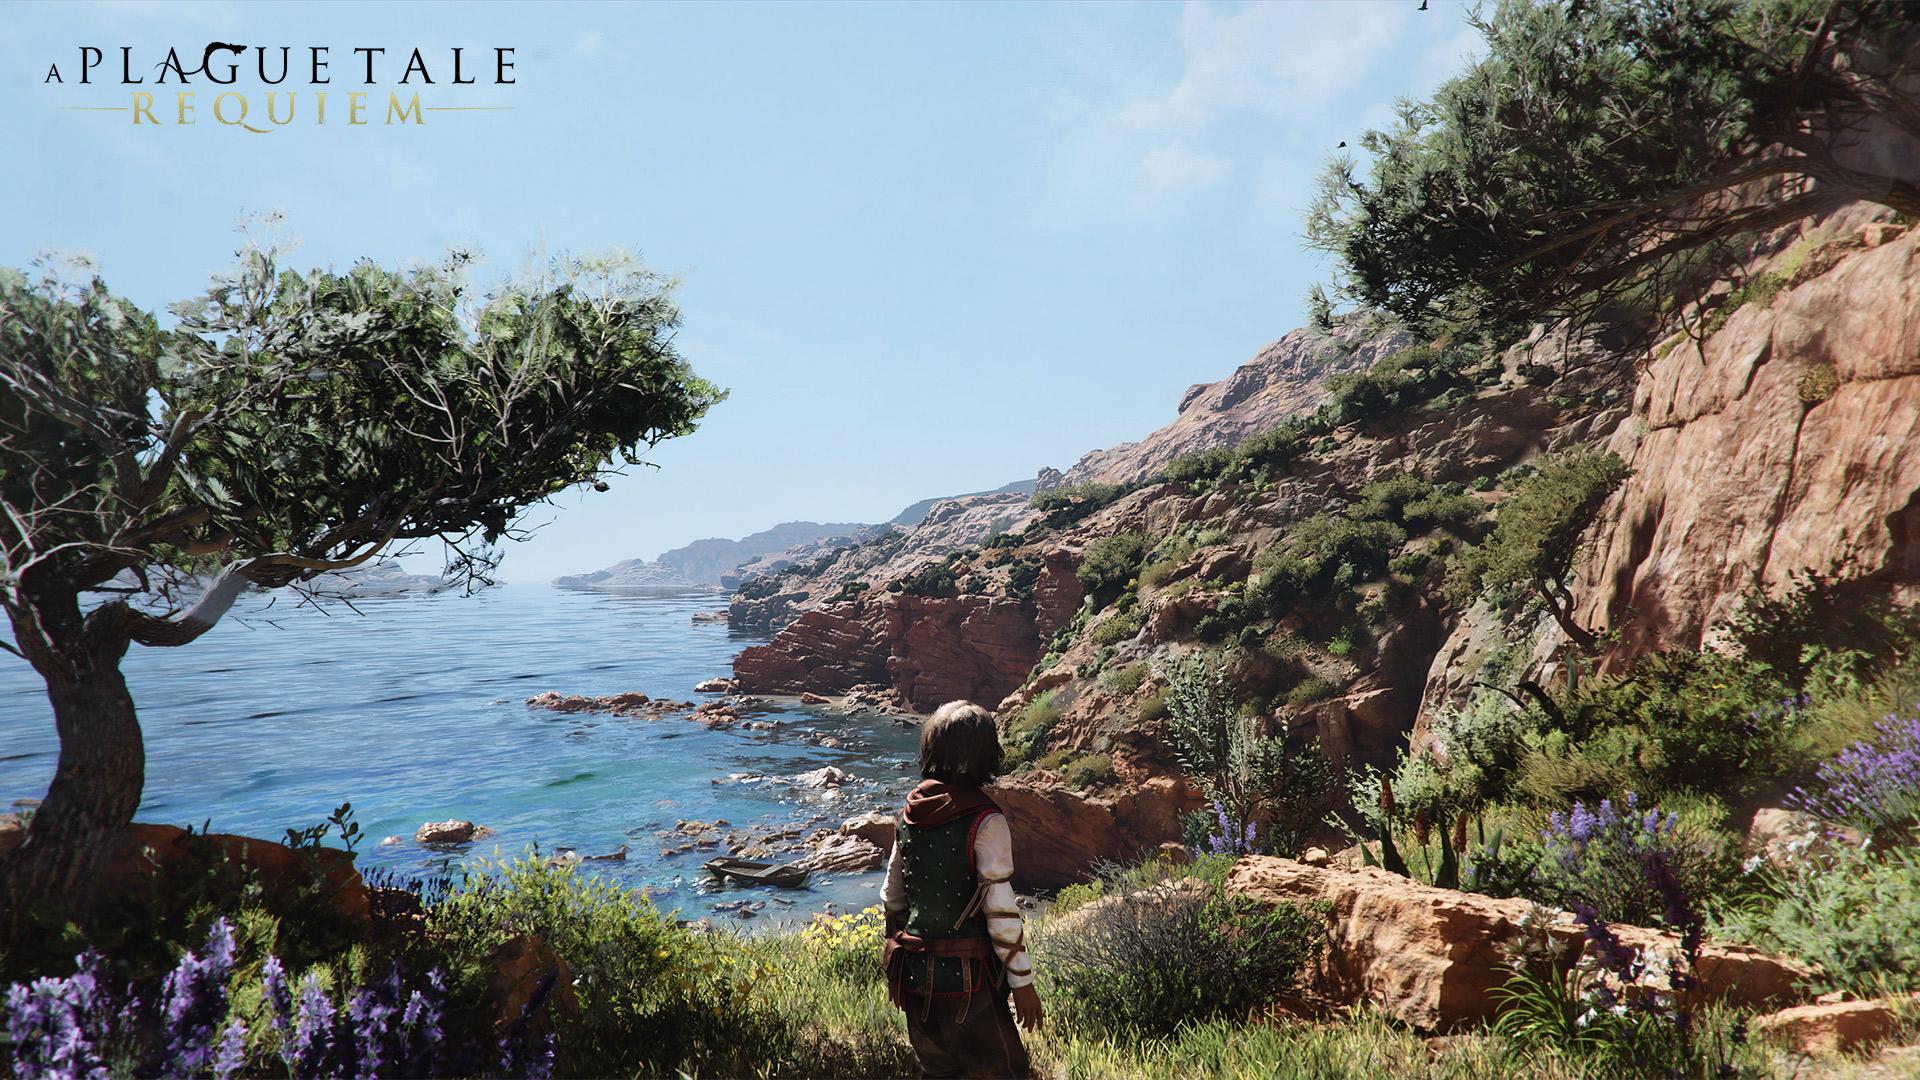 A-Plague-Tale-Requiem_2K-logo_Screenshot-04